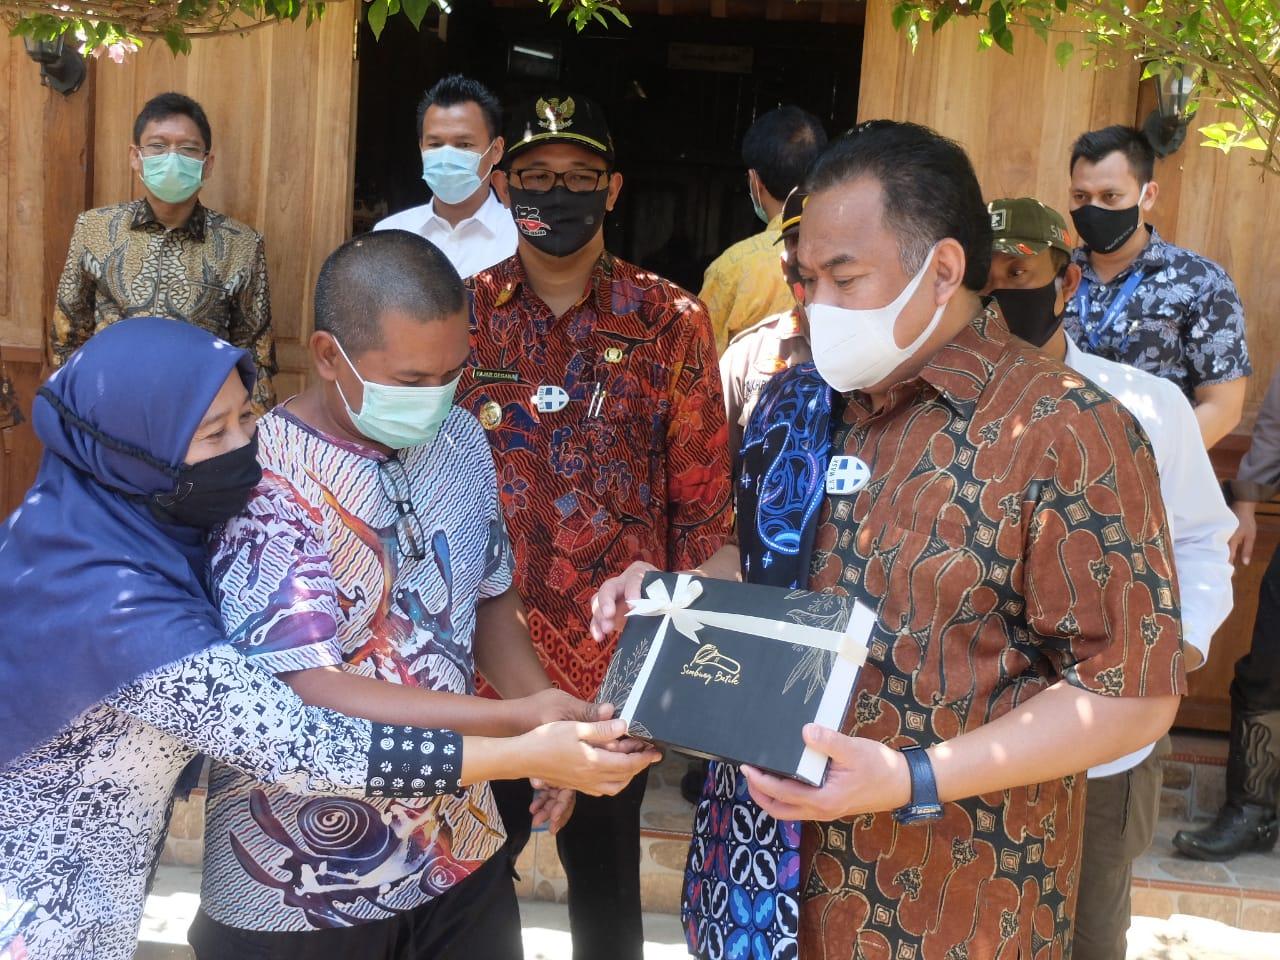 PEMKAB - Berkunjung ke Industri Batik di Kulon Progo ...